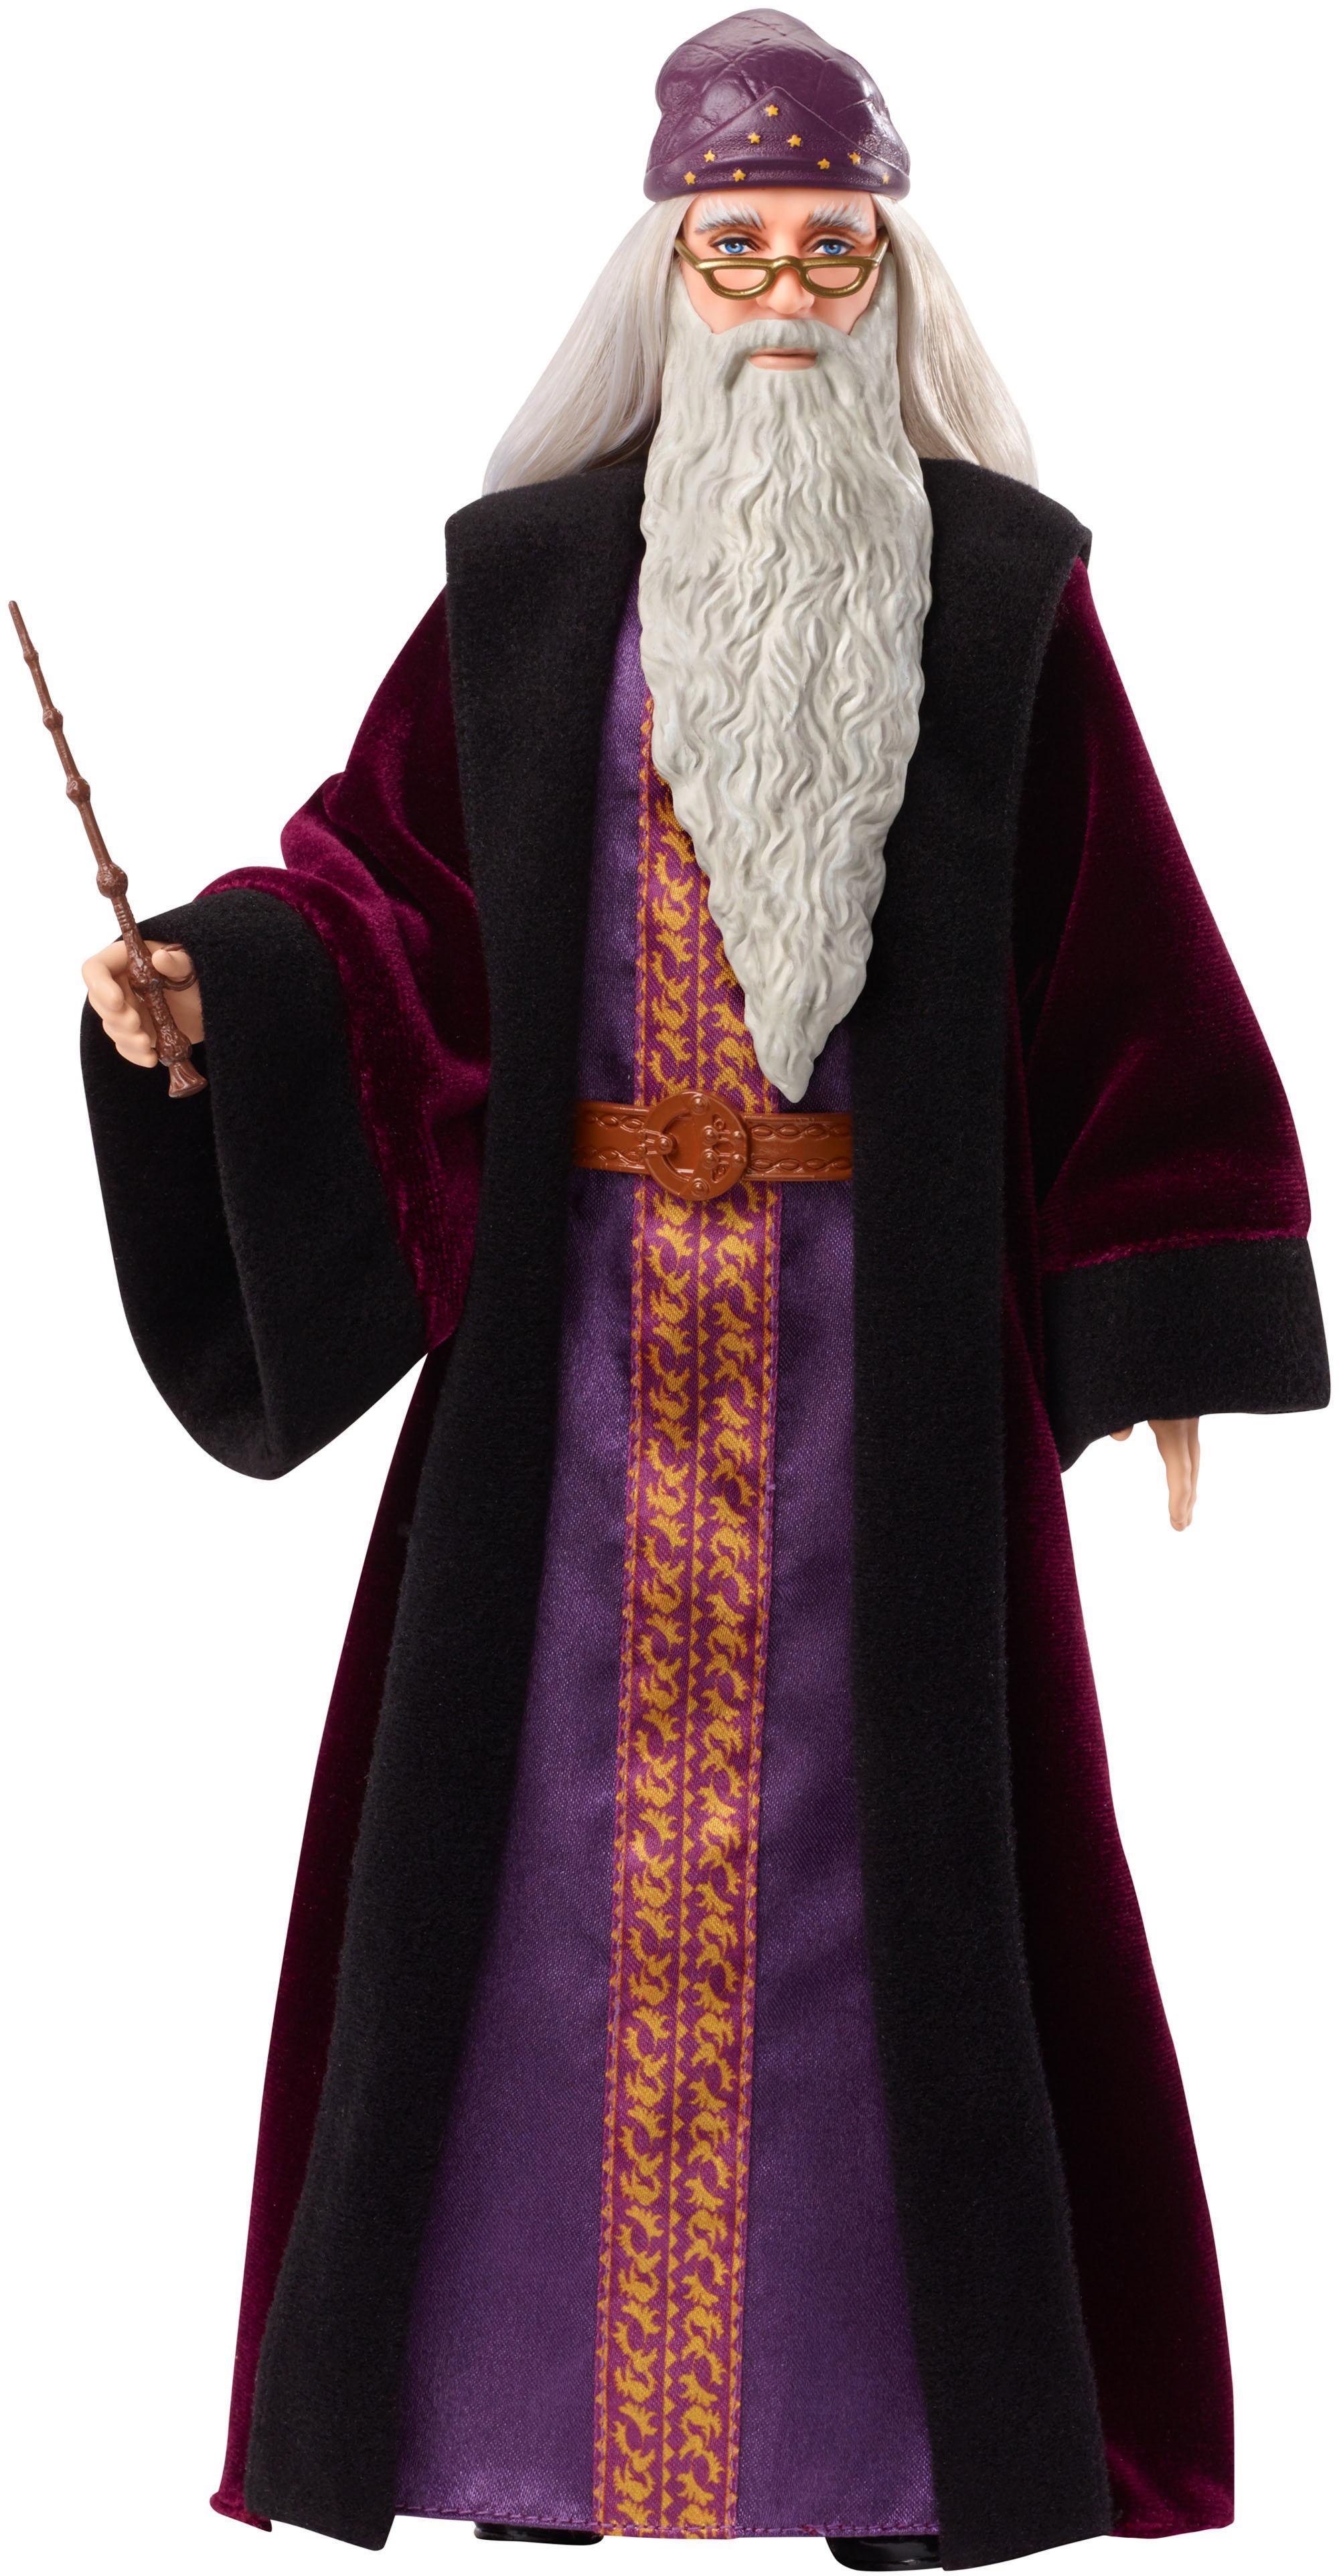 Mattel Puppe, »Harry Potter und Die Kammer des Schreckens - Albus Dumbledore« | Kinderzimmer > Spielzeuge > Puppen | Mehrfarbig | MATTEL